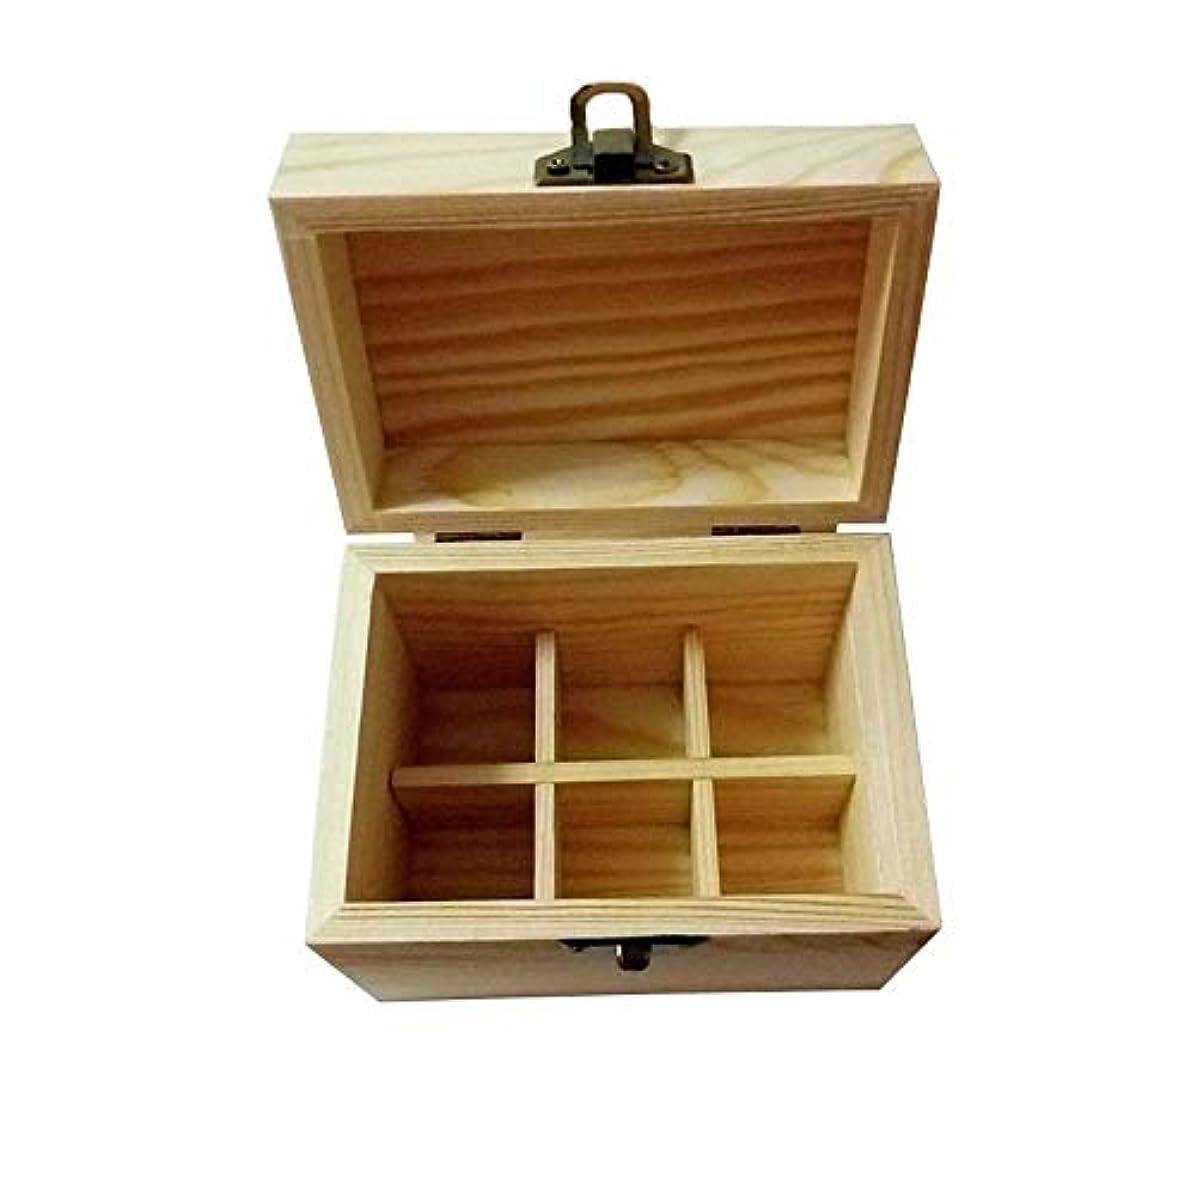 処理責任申し込むエッセンシャルオイルの保管 エッセンシャルオイルストレージボックスケース木製??の主催者は6本のキャリングセーフボトルやホームストレージの表示を保持します (色 : Natural, サイズ : 11.5X8X9.5CM)